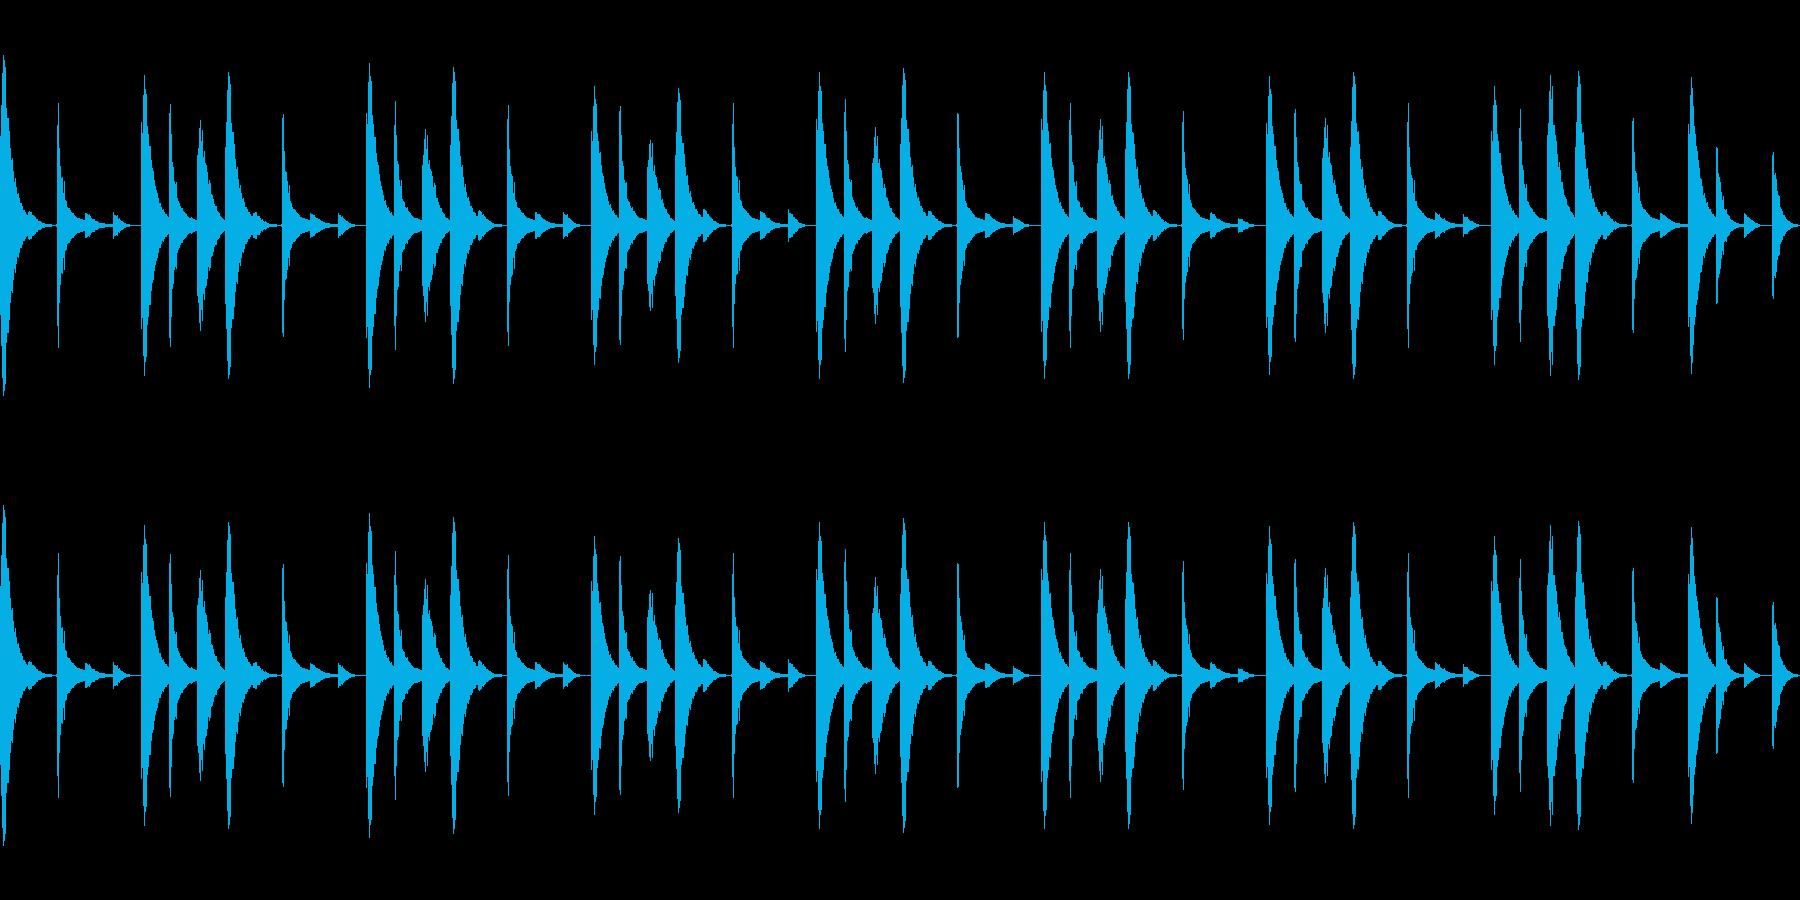 808音源を使用したシンプルなリズム01の再生済みの波形